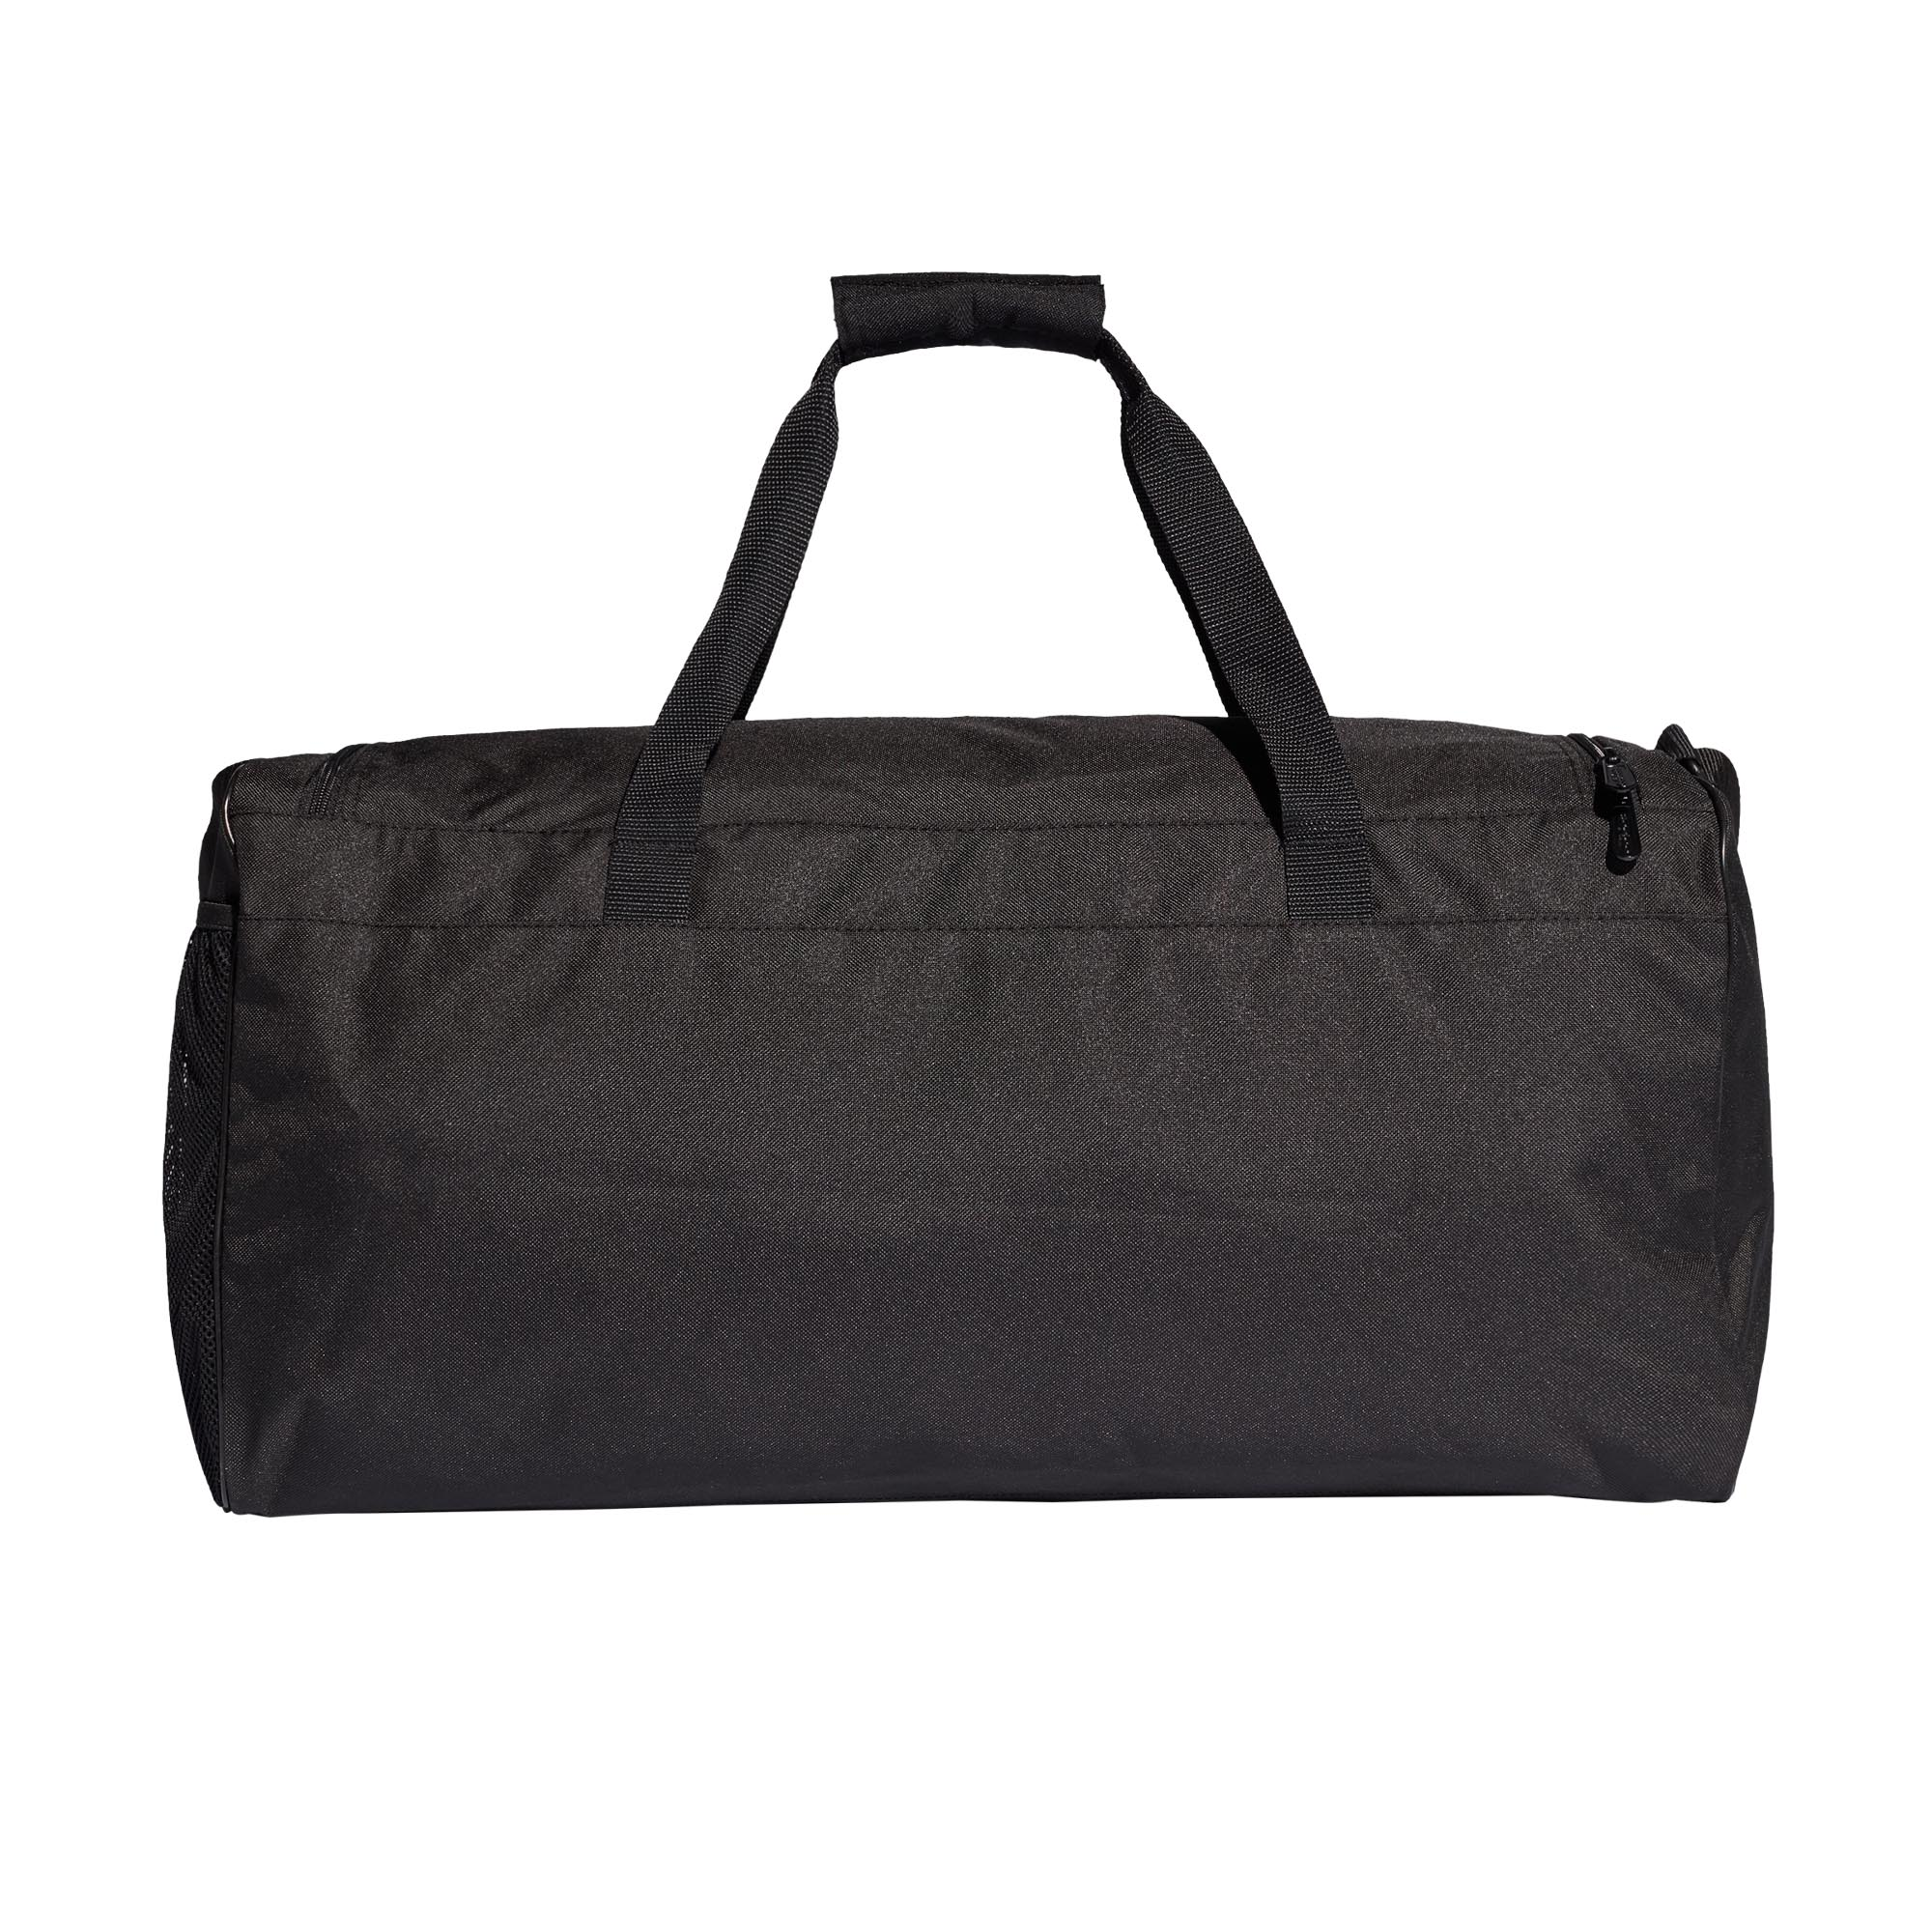 4221f75e6b08 adidas Linear Core Team Duffel Holdall Training Bag (Medium) Black White